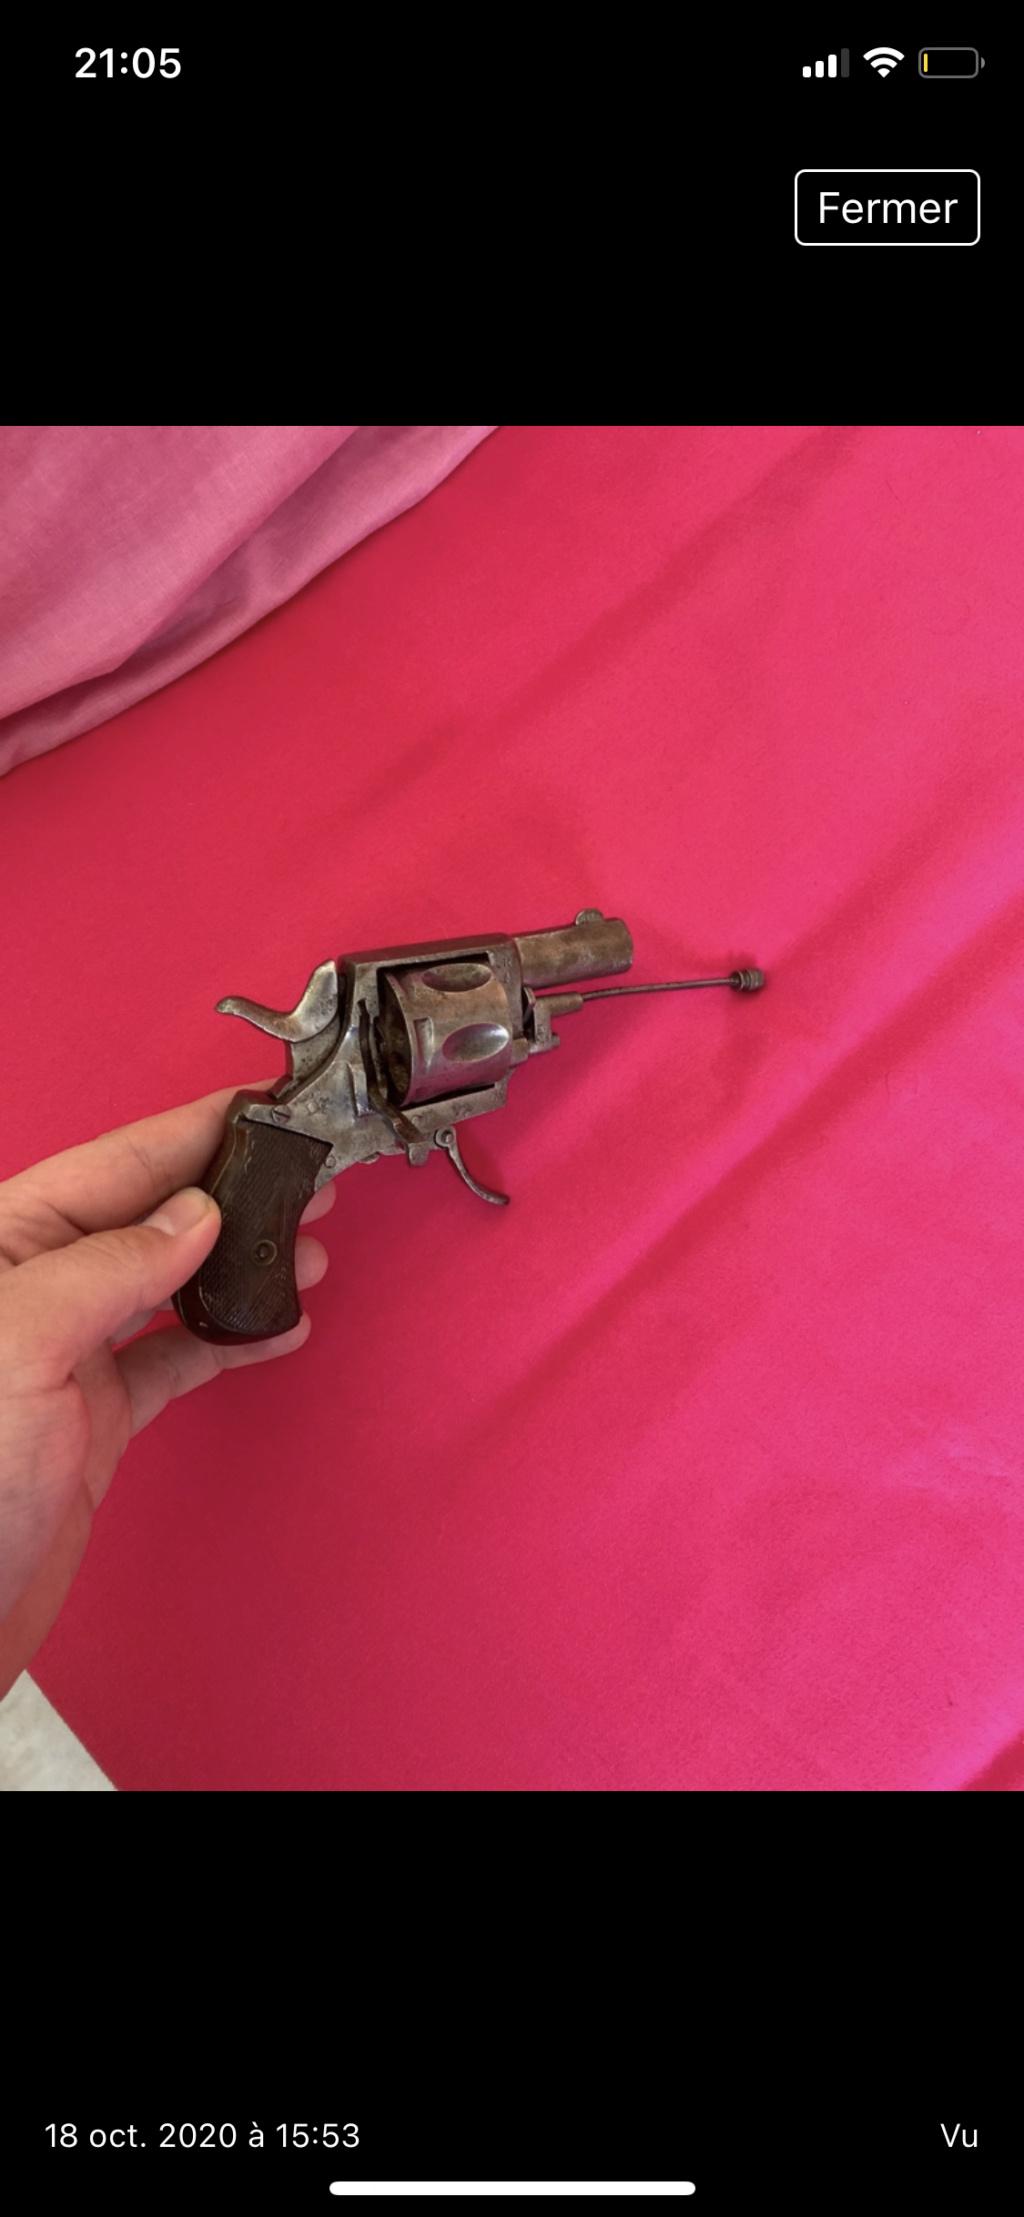 Identification d'un pistolet 6de28c10